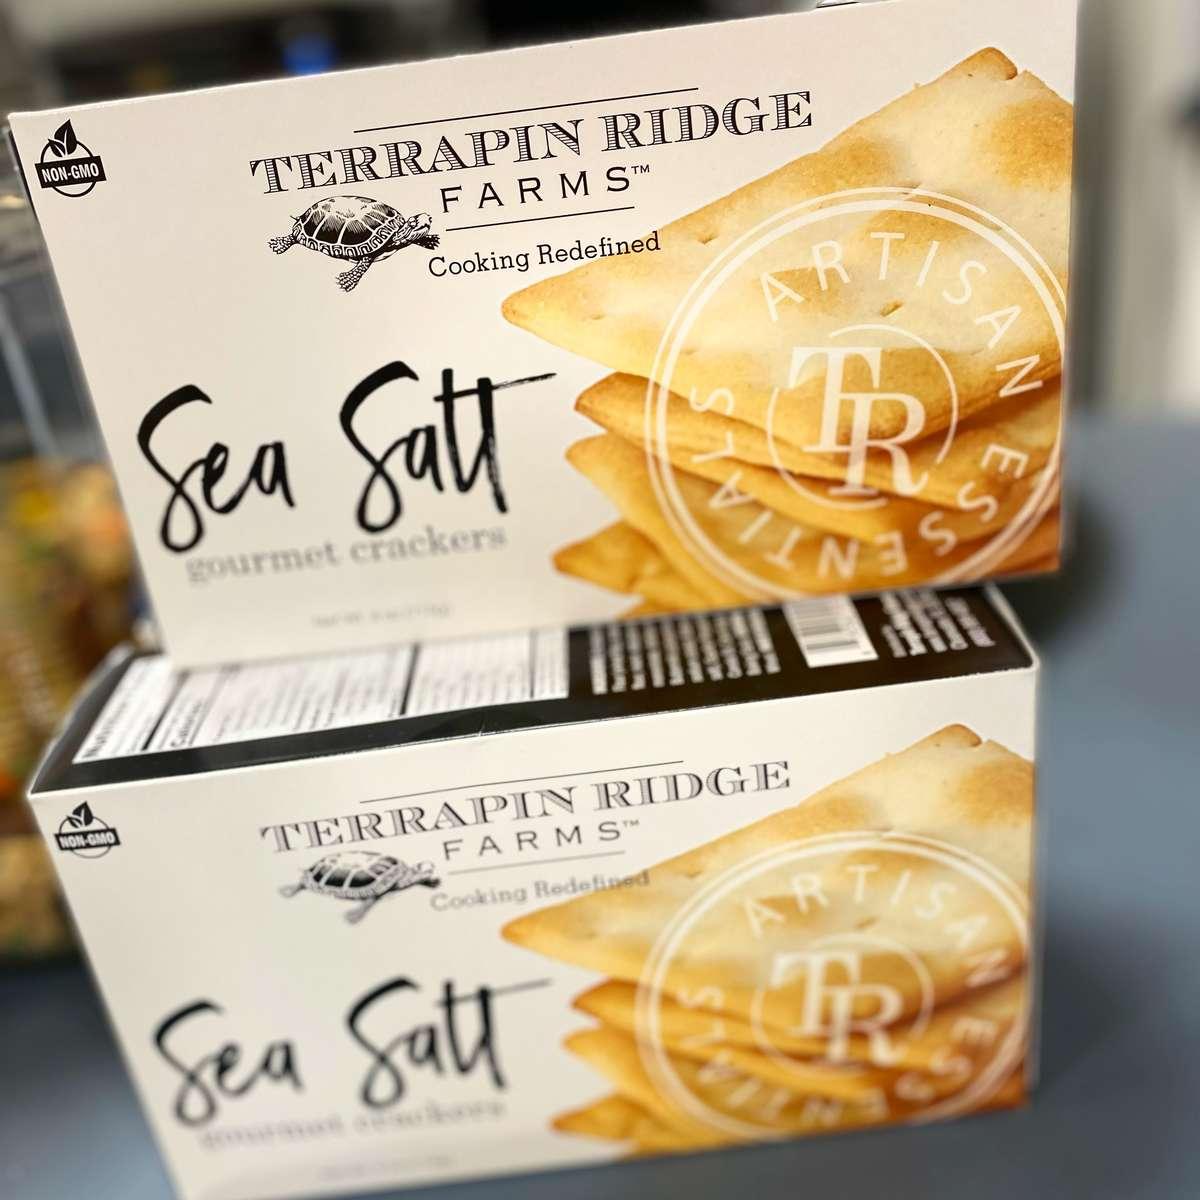 Terrapin Ridge Farms Sea Salt Gourmet Crackers